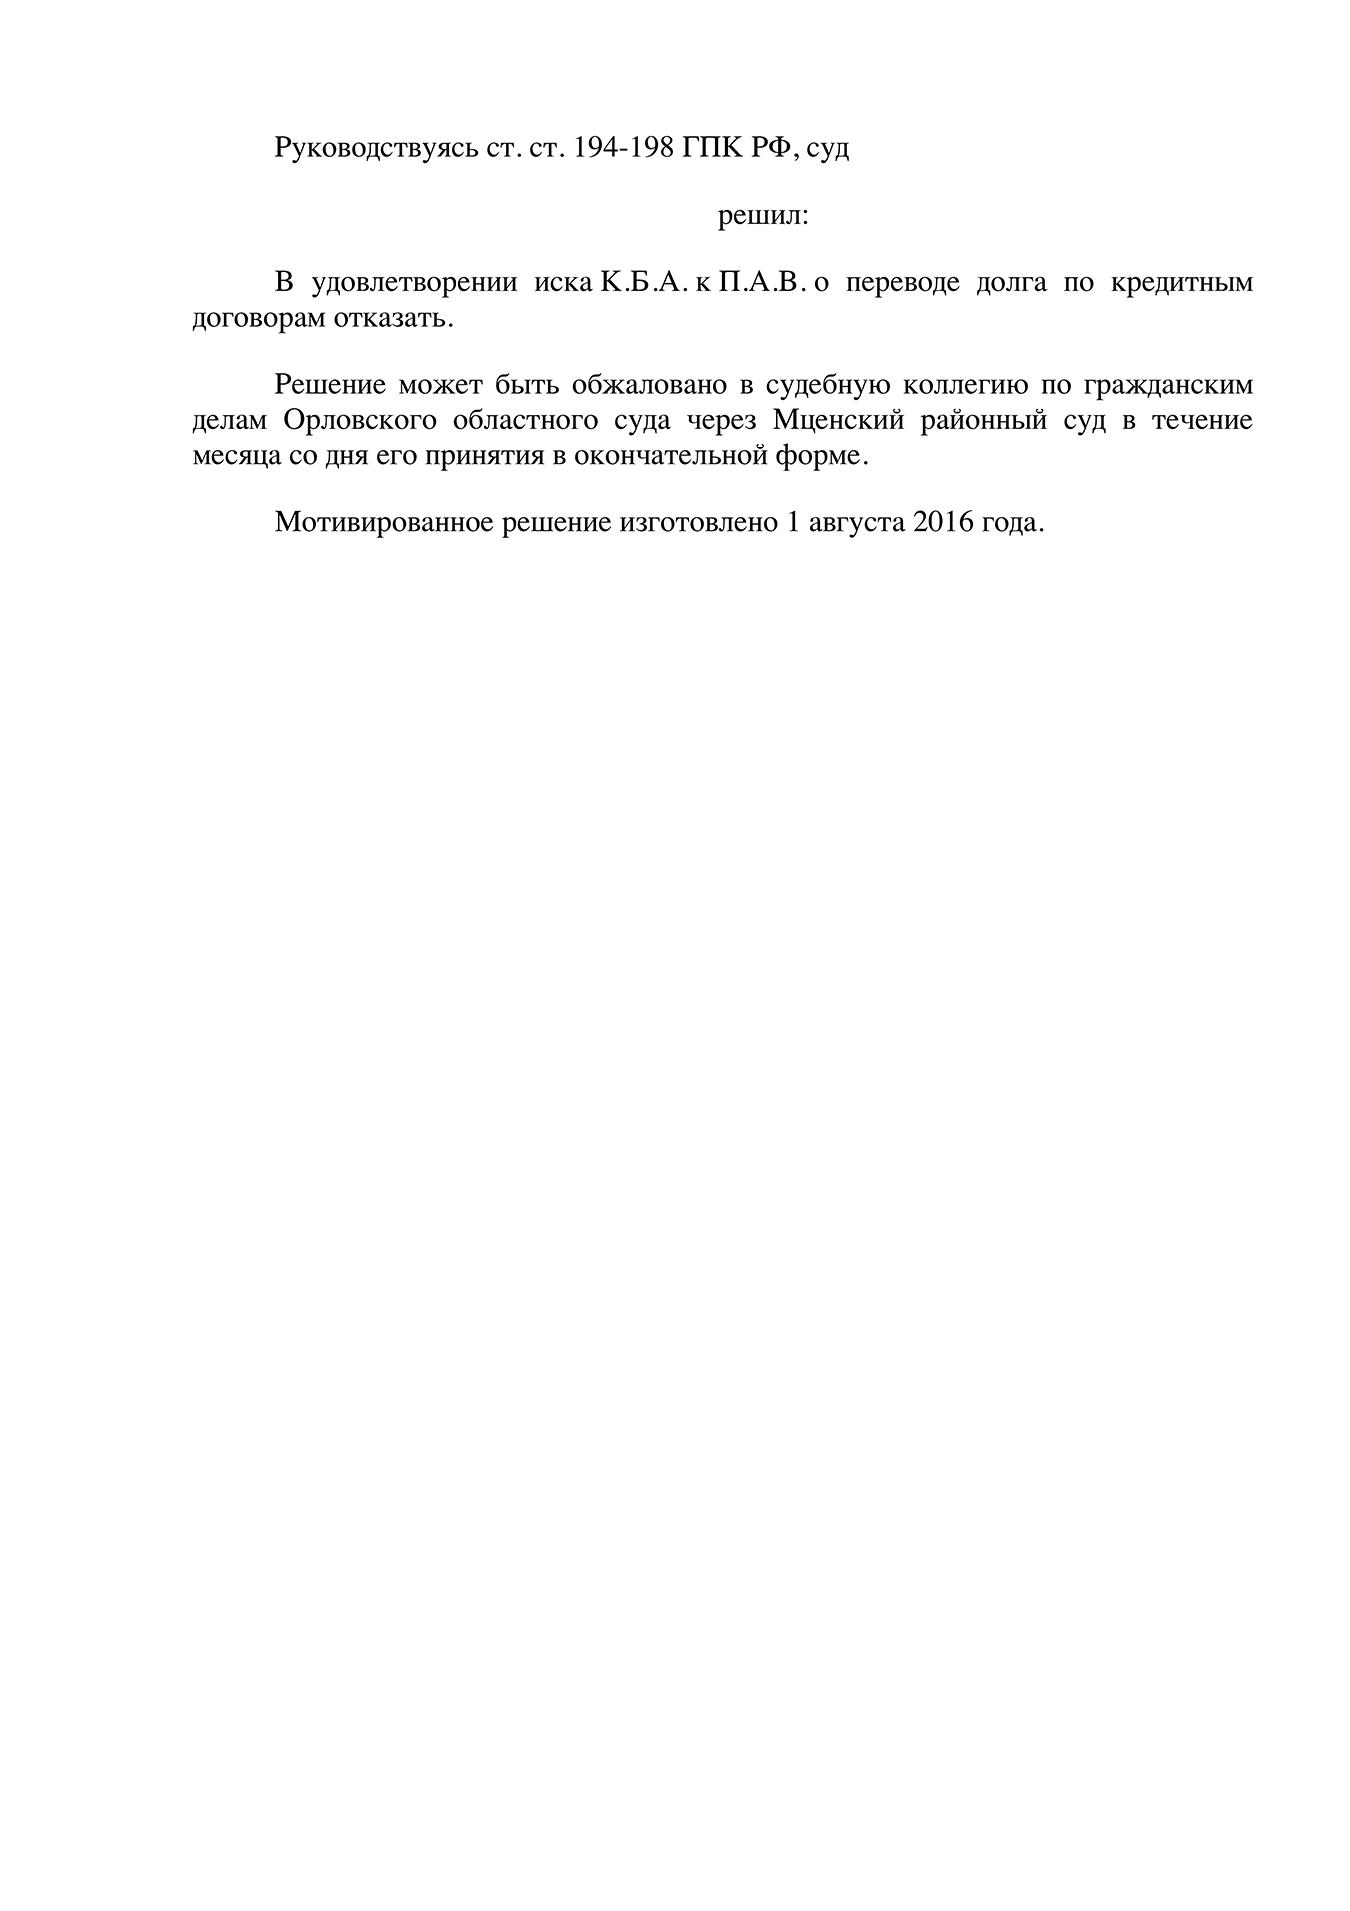 Суд отказал истцу в переводе долга на человека, длякоторого он якобы брал кредиты